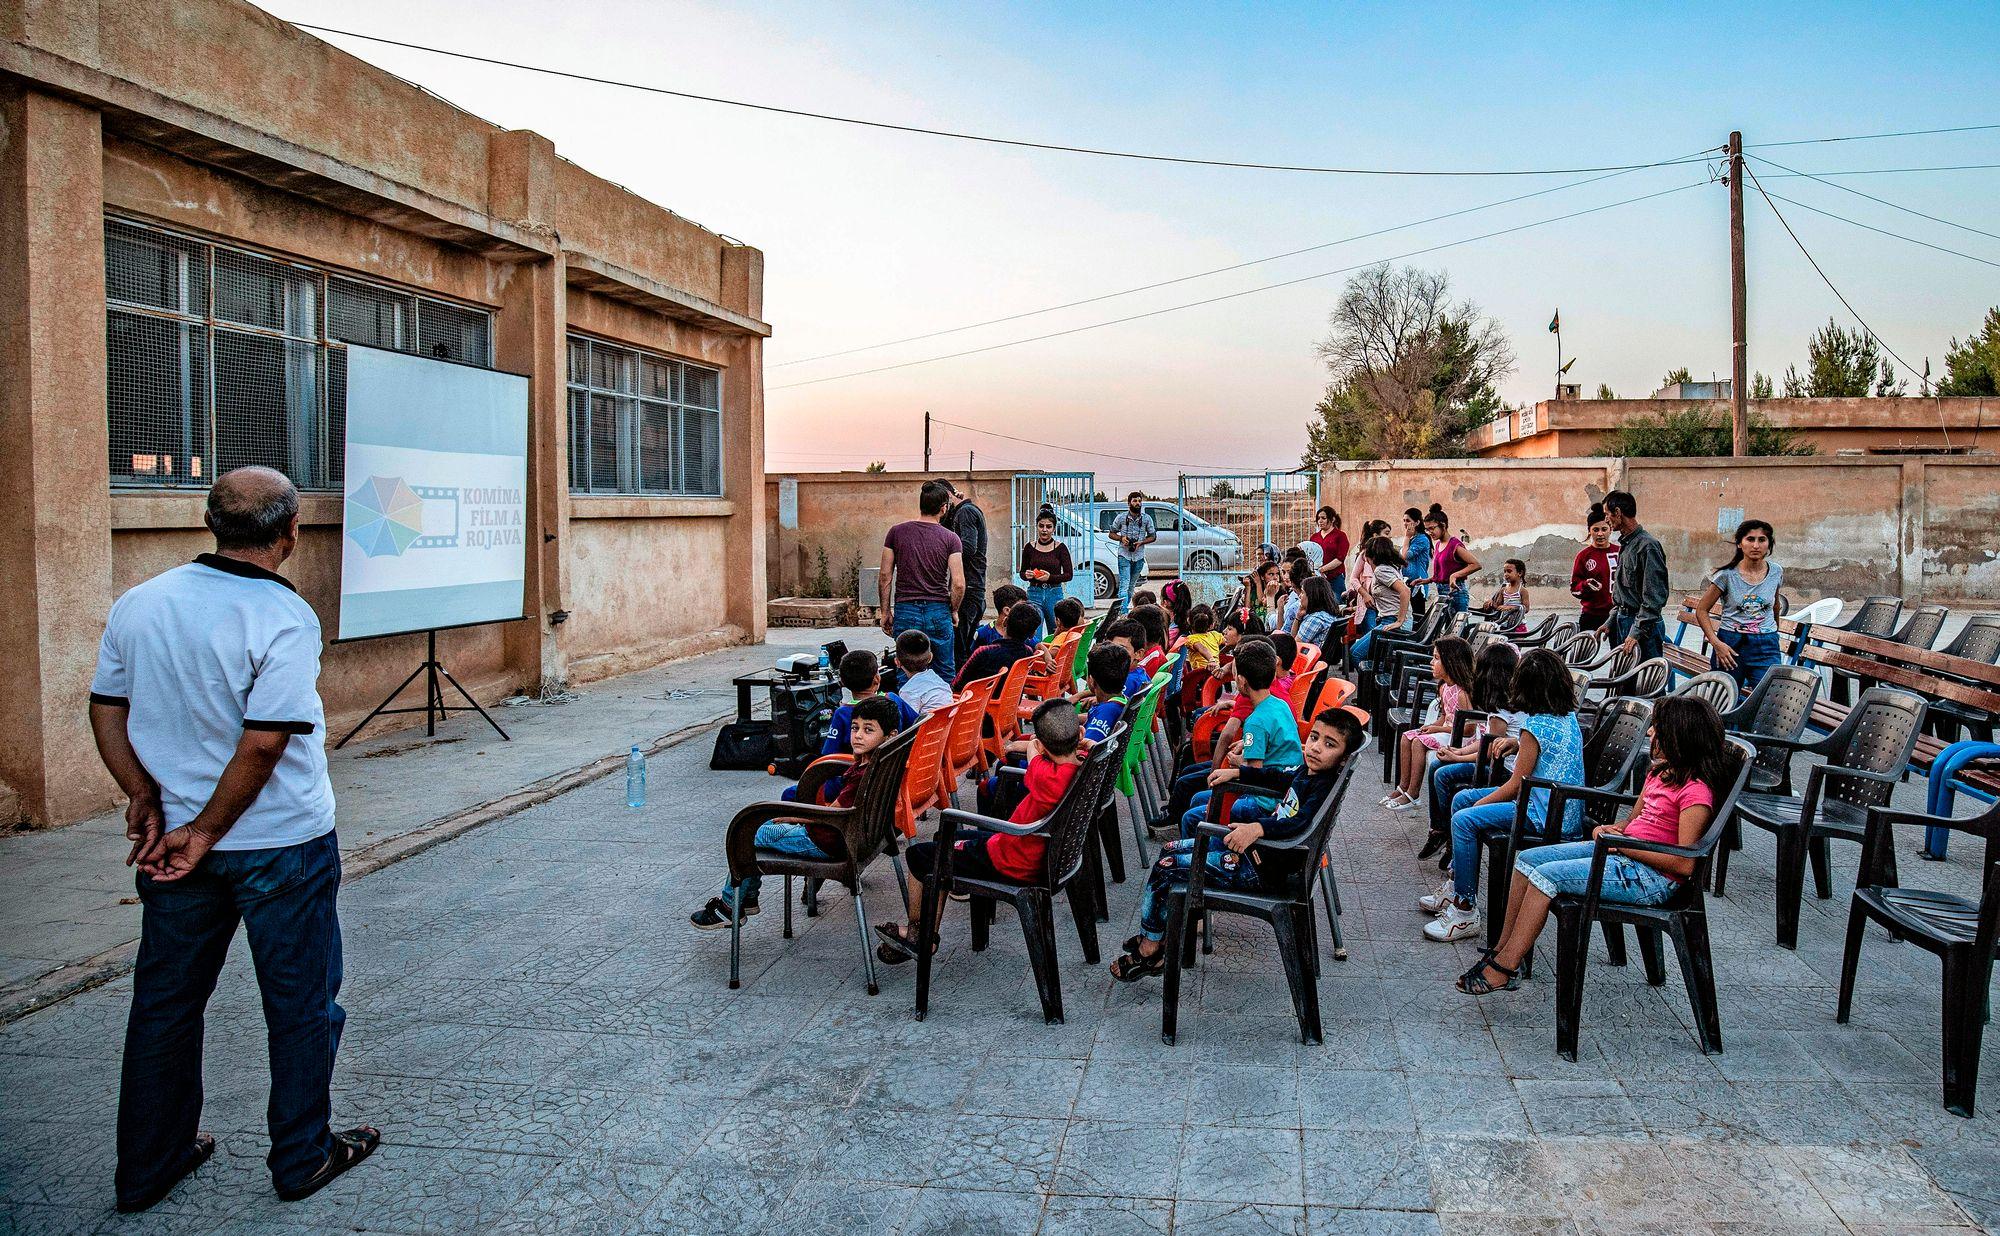 Kurdialueilla on omat koulunsa, joissa lapsille opetetaan tavallisten länsimaisten oppiaineiden lisäksi kansallista perinnettä ja äidinkieltä kurdia. © Getty Images